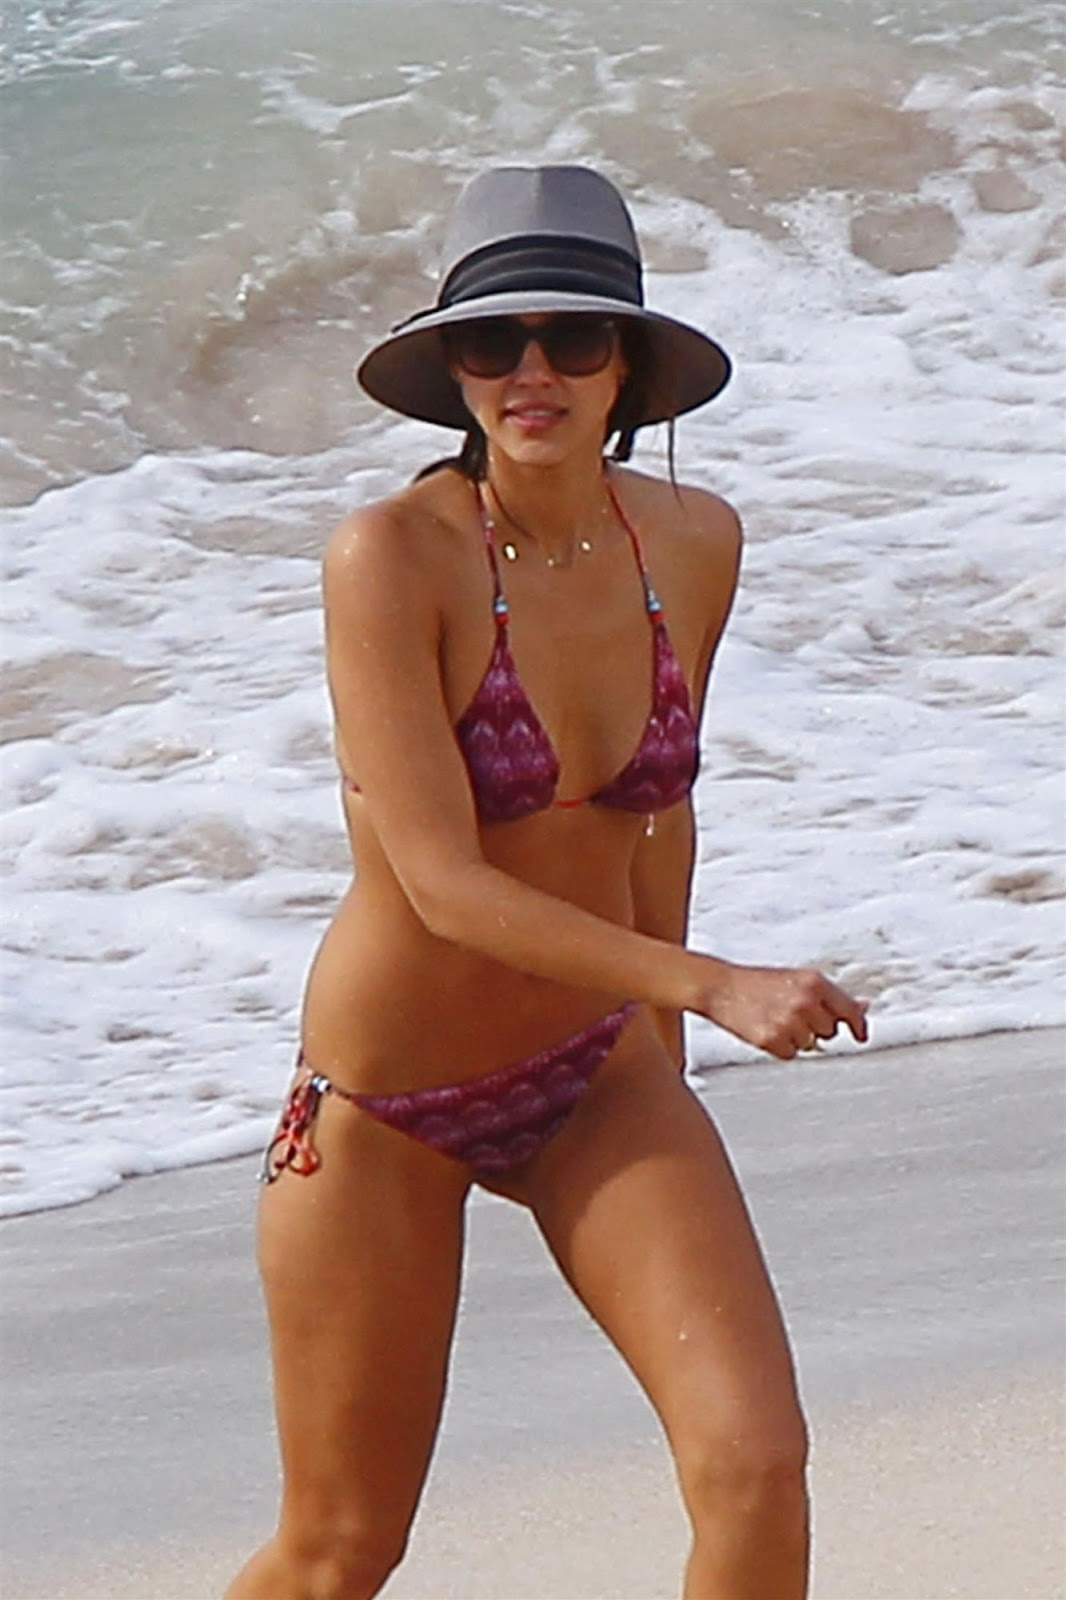 http://2.bp.blogspot.com/-7dSGA2hI_vE/UWMkoqsAlDI/AAAAAAAA0pM/f-o45i3JwfM/s1600/Jessica+Alba+with+Nicole+Richie+-++Purple+Bikini+-+St+Barts+-+05.04.2013+-+156hq+45.jpg